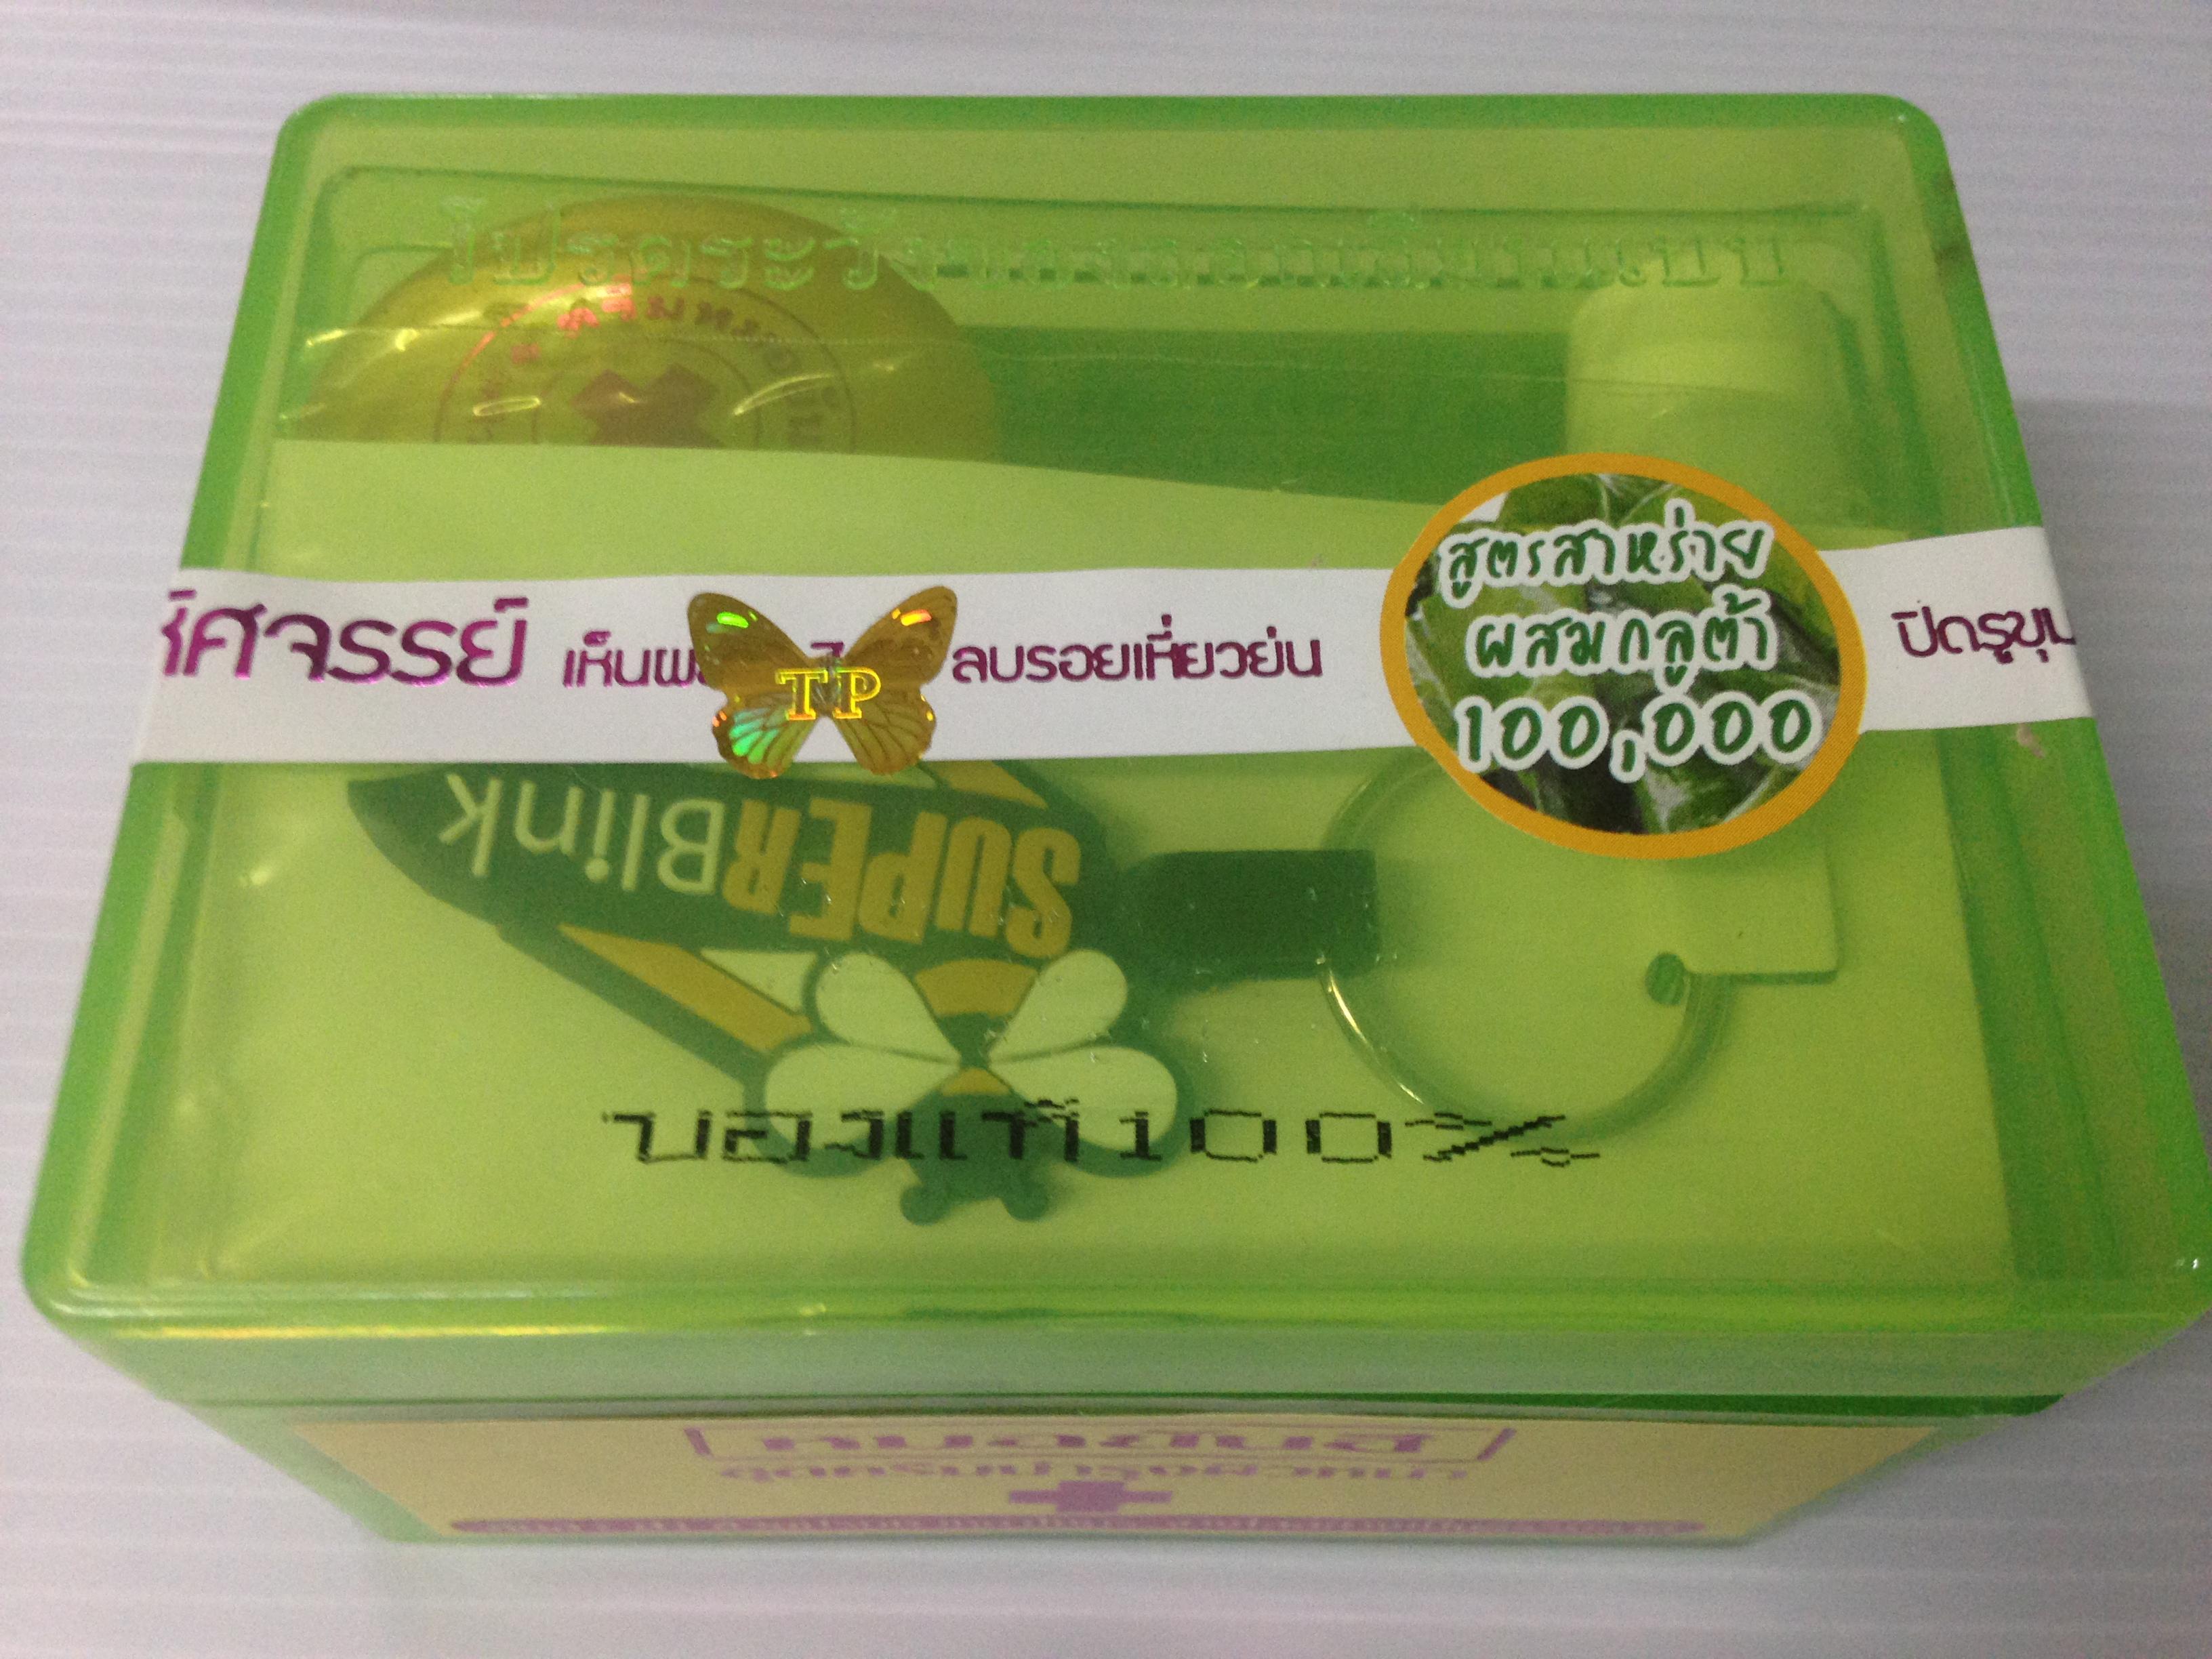 ครีมยันฮีสีเขียว สูตรกลูต้าไธโอน ราคา 150-110 บาท